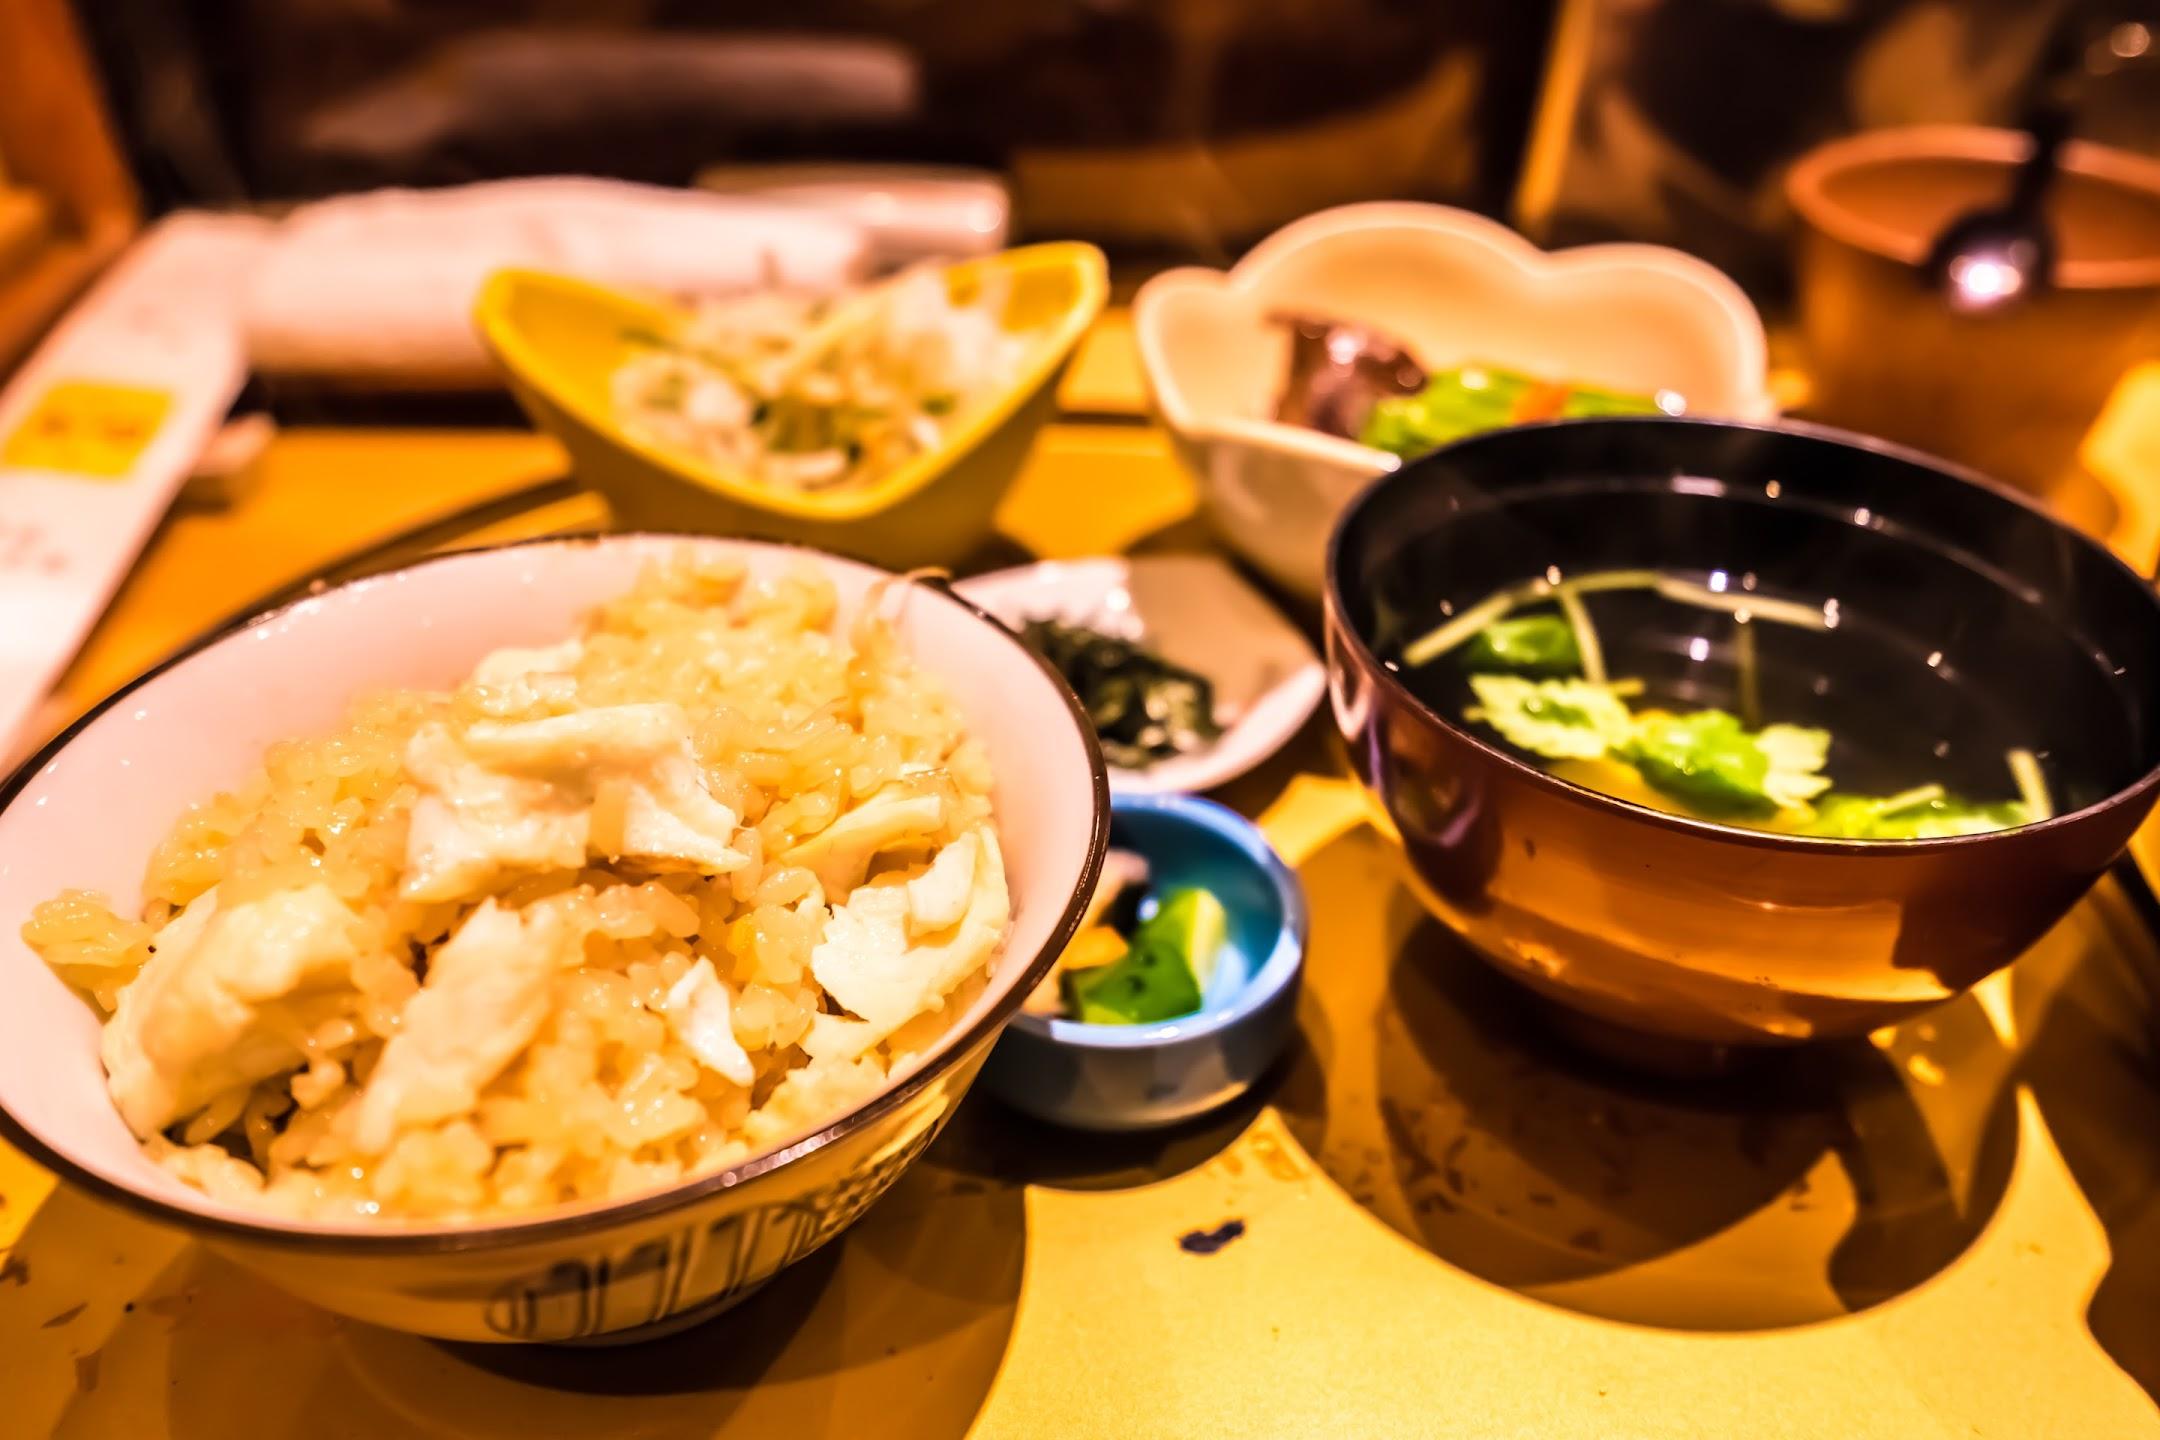 鮮魚旬菜 吉 鯛土鍋めし御膳2